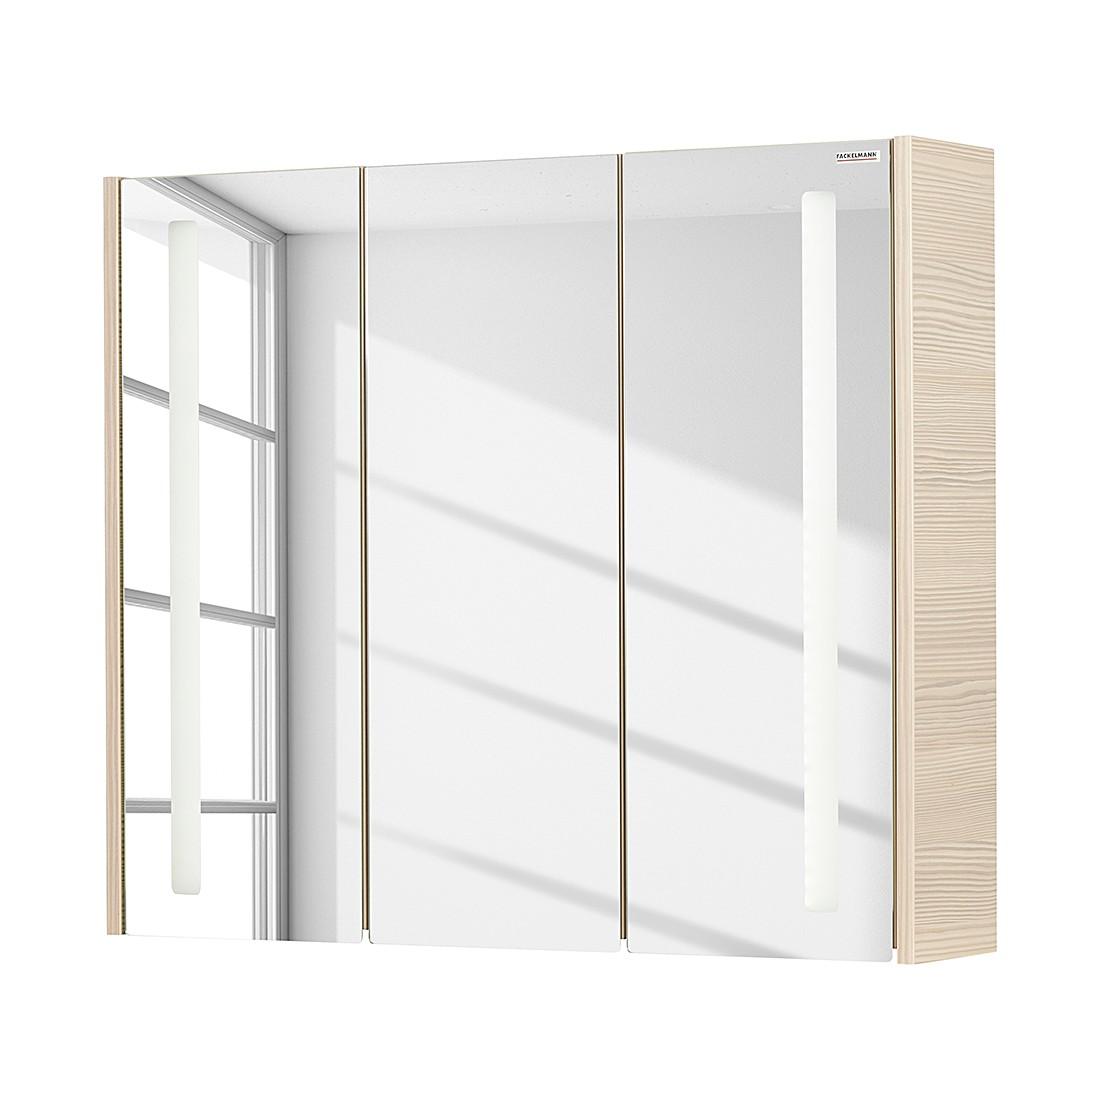 Spiegelschrank Viora - Pinie Dekor, Fackelmann